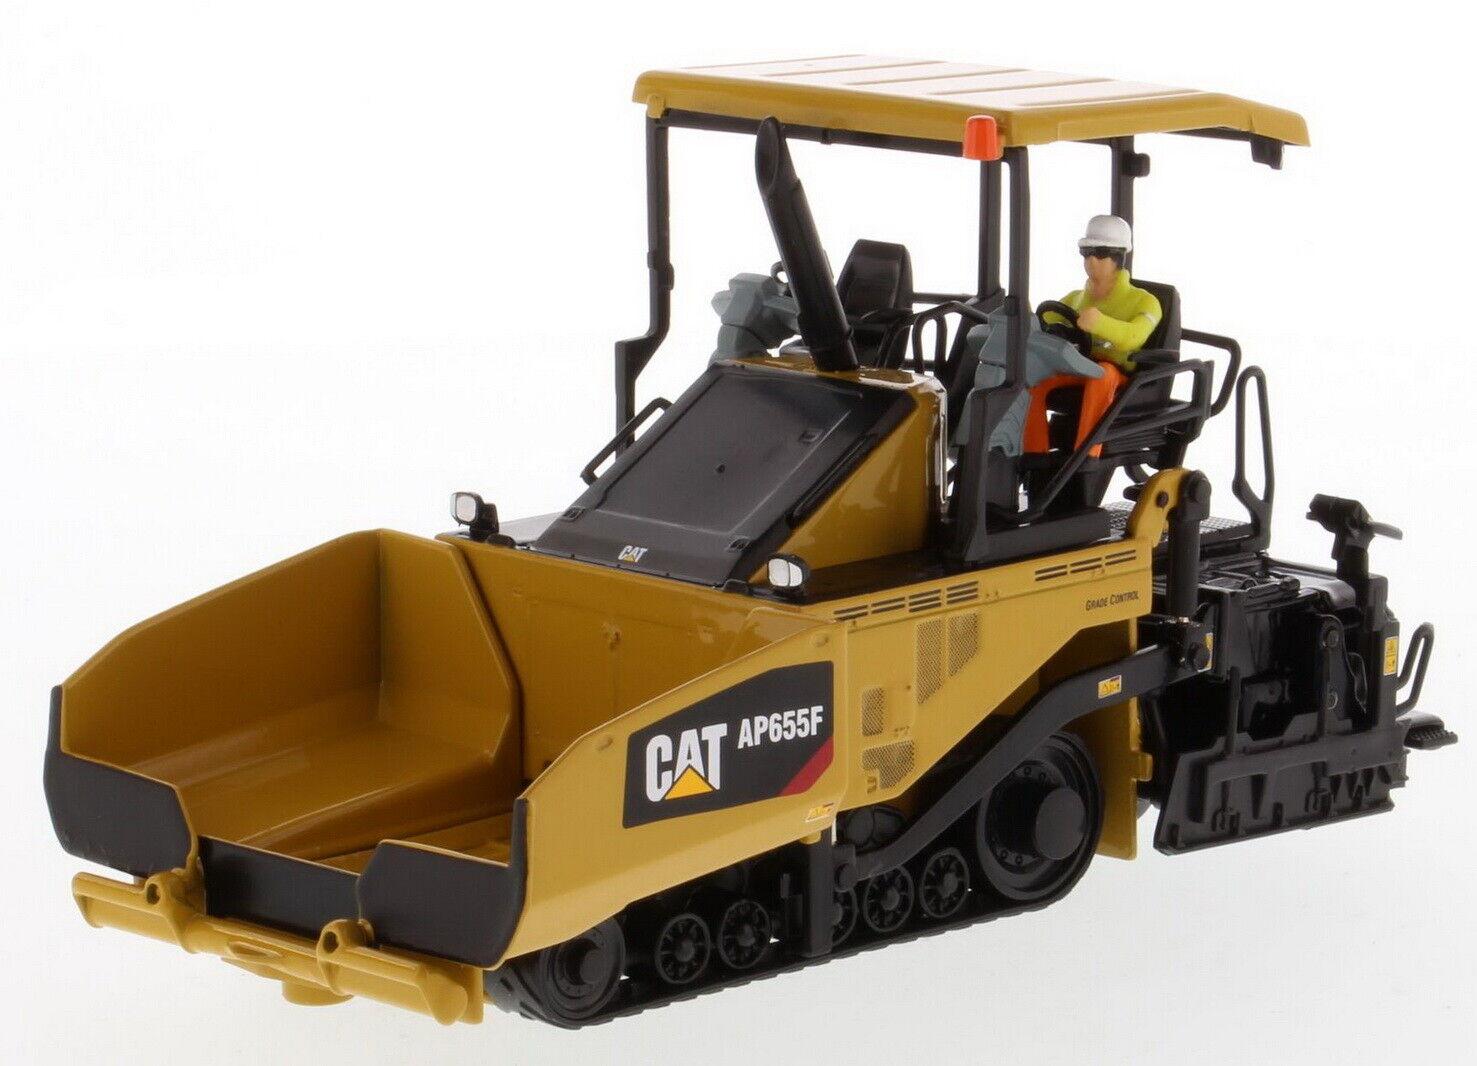 1 50 dm Caterpillar Cat AP655F Asfalto Pavimentación Diecast Modelo Colección  85590